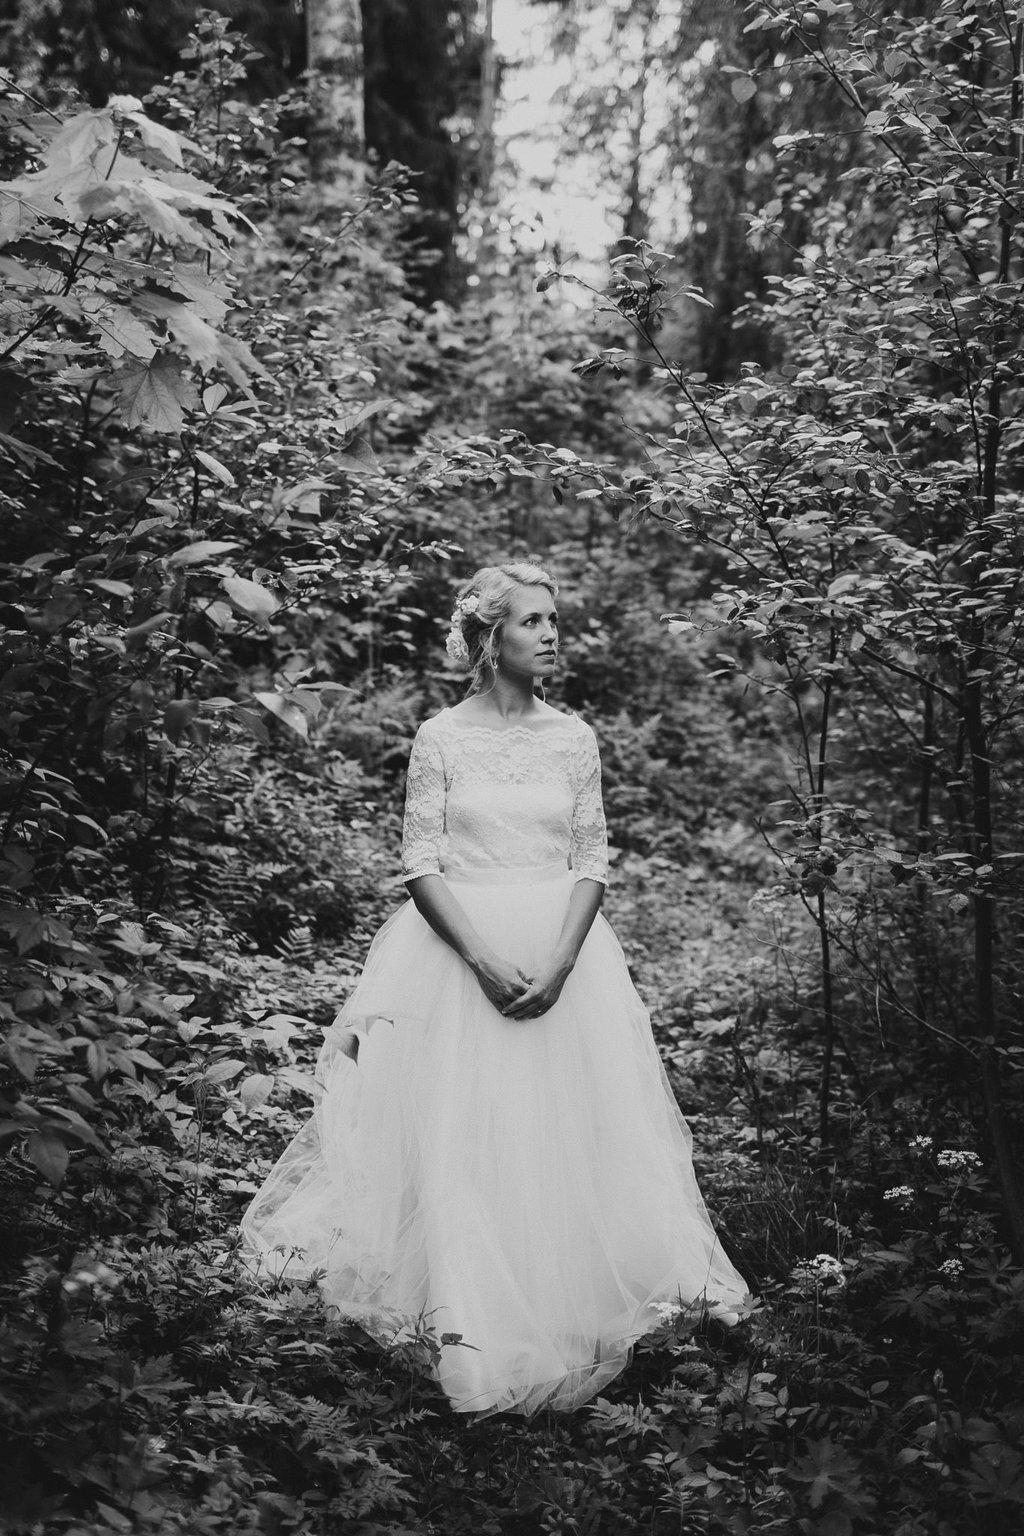 140607_wedding_emelie_gustav_pp-568.jpg